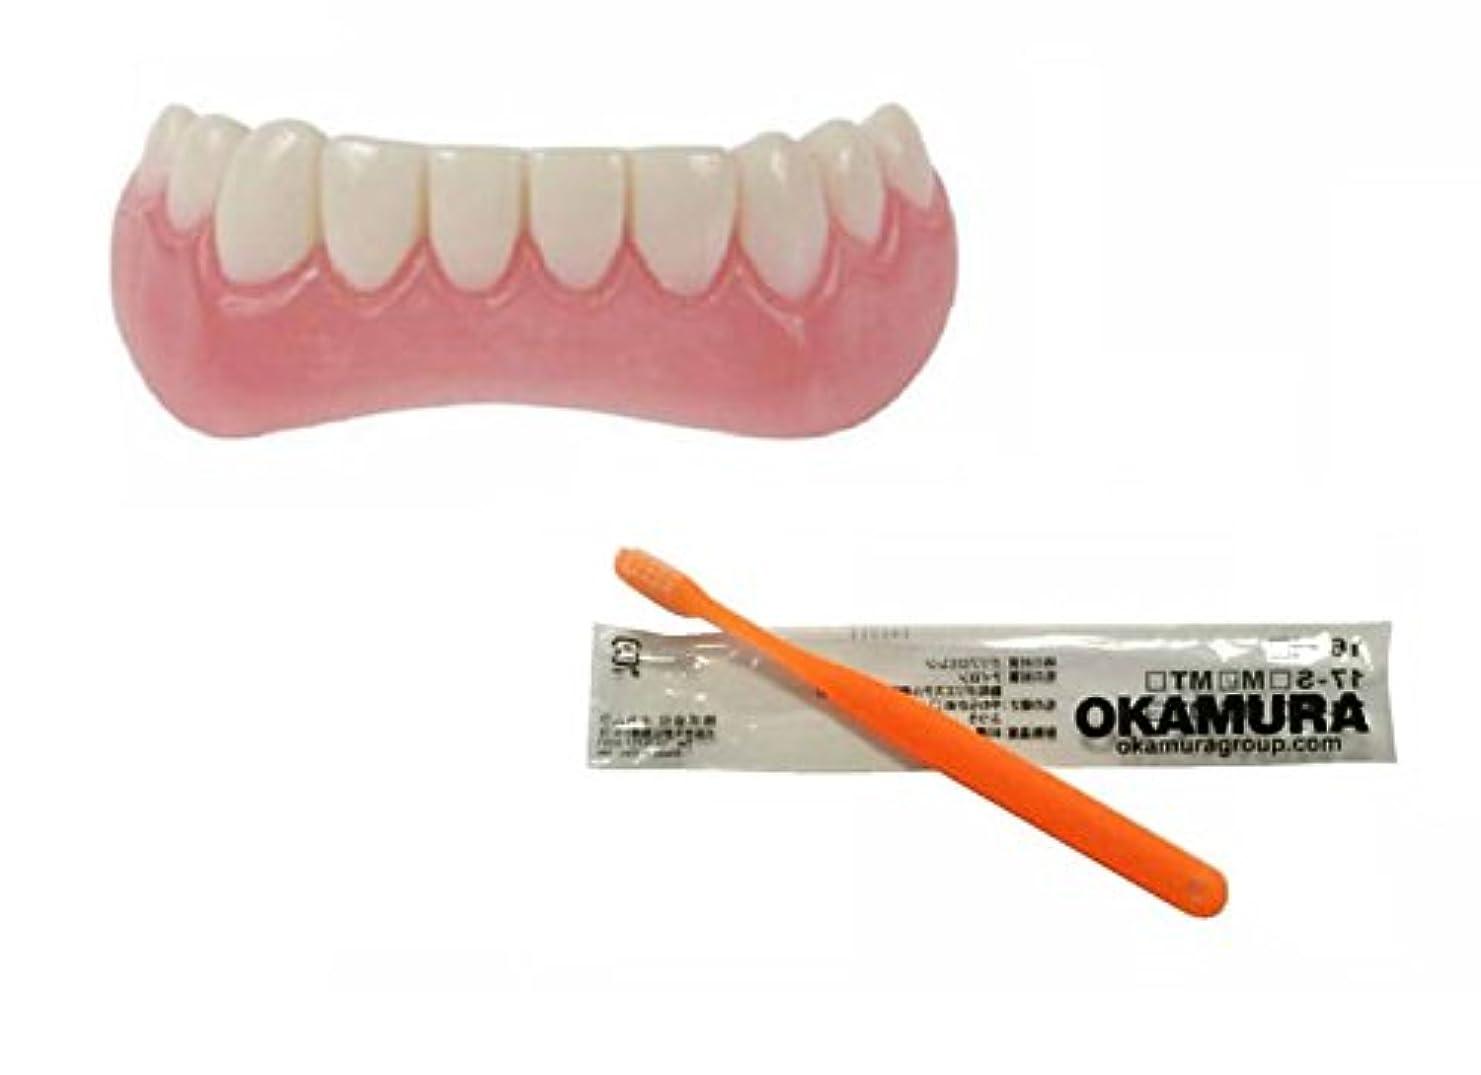 気候薬理学家畜インスタントスマイル 下歯用 フリーサイズ + OKAMURA 歯科医推奨歯ブラシ セット